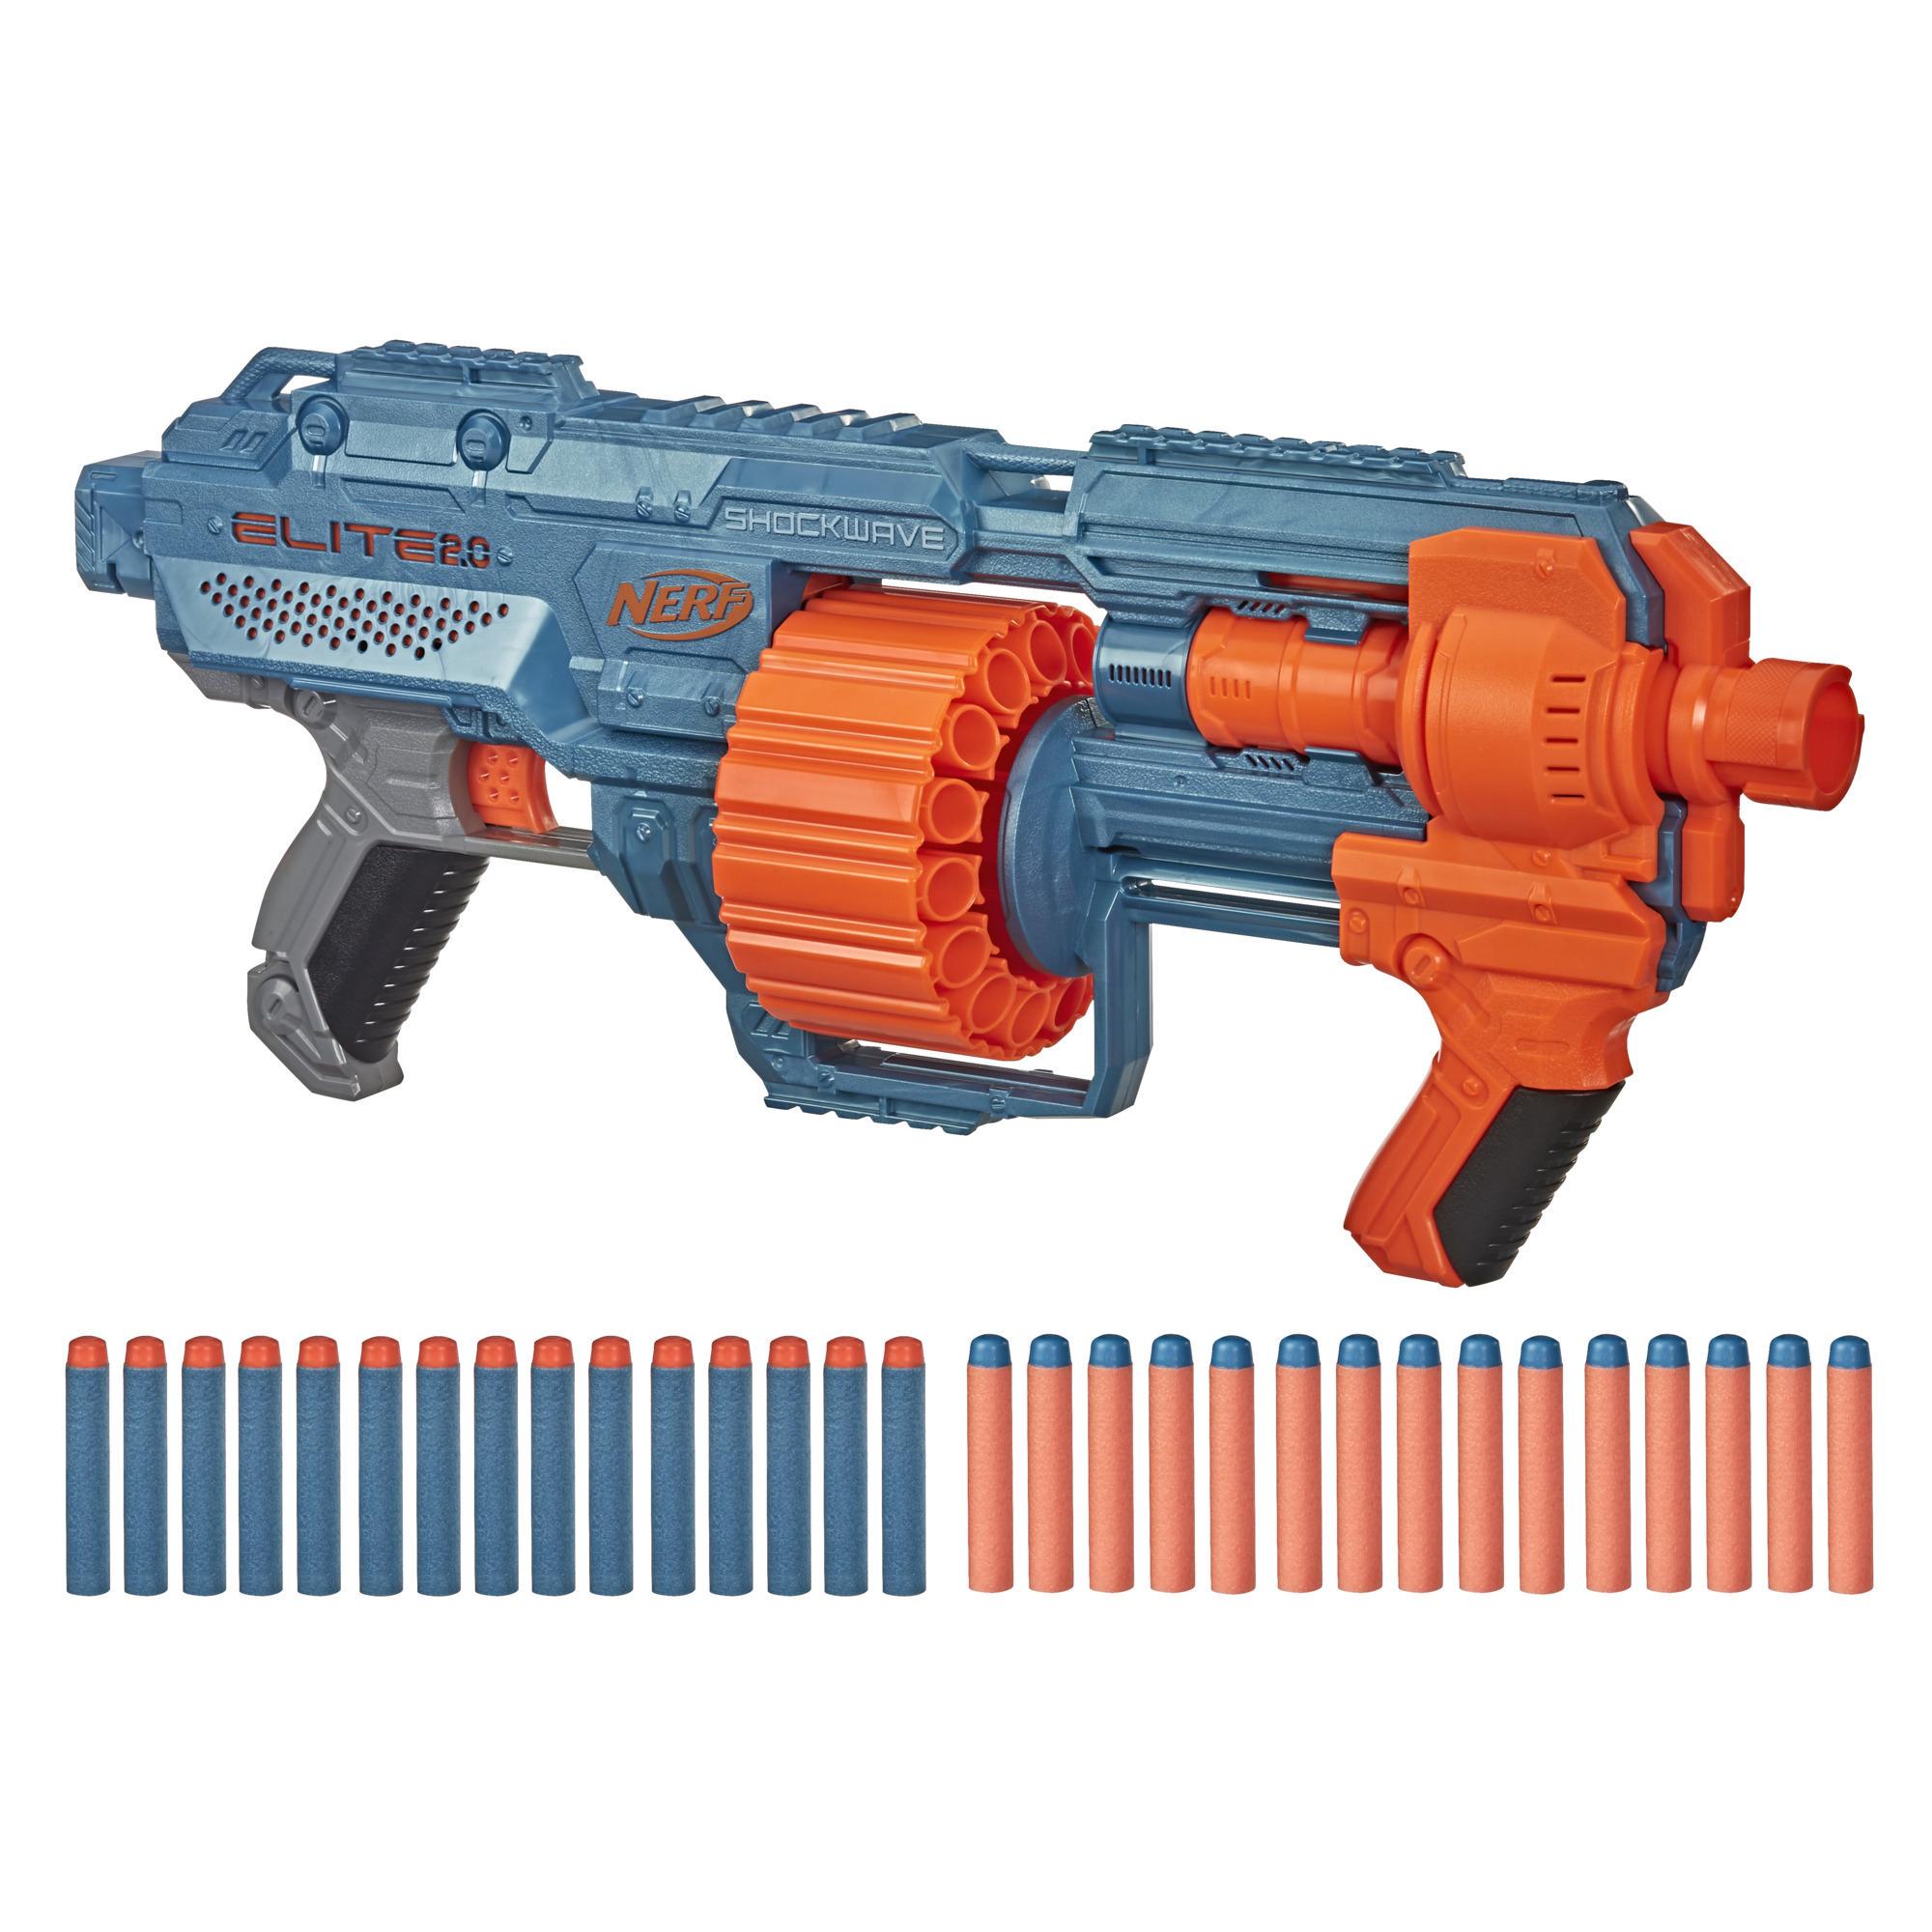 Wyrzutnia Nerf Elite 2.0 Shockwave RD-15, 30 strzałek Nerf, 15-strzałkowy magazynek obrotowy, ogień ciągły, możliwość dostosowania